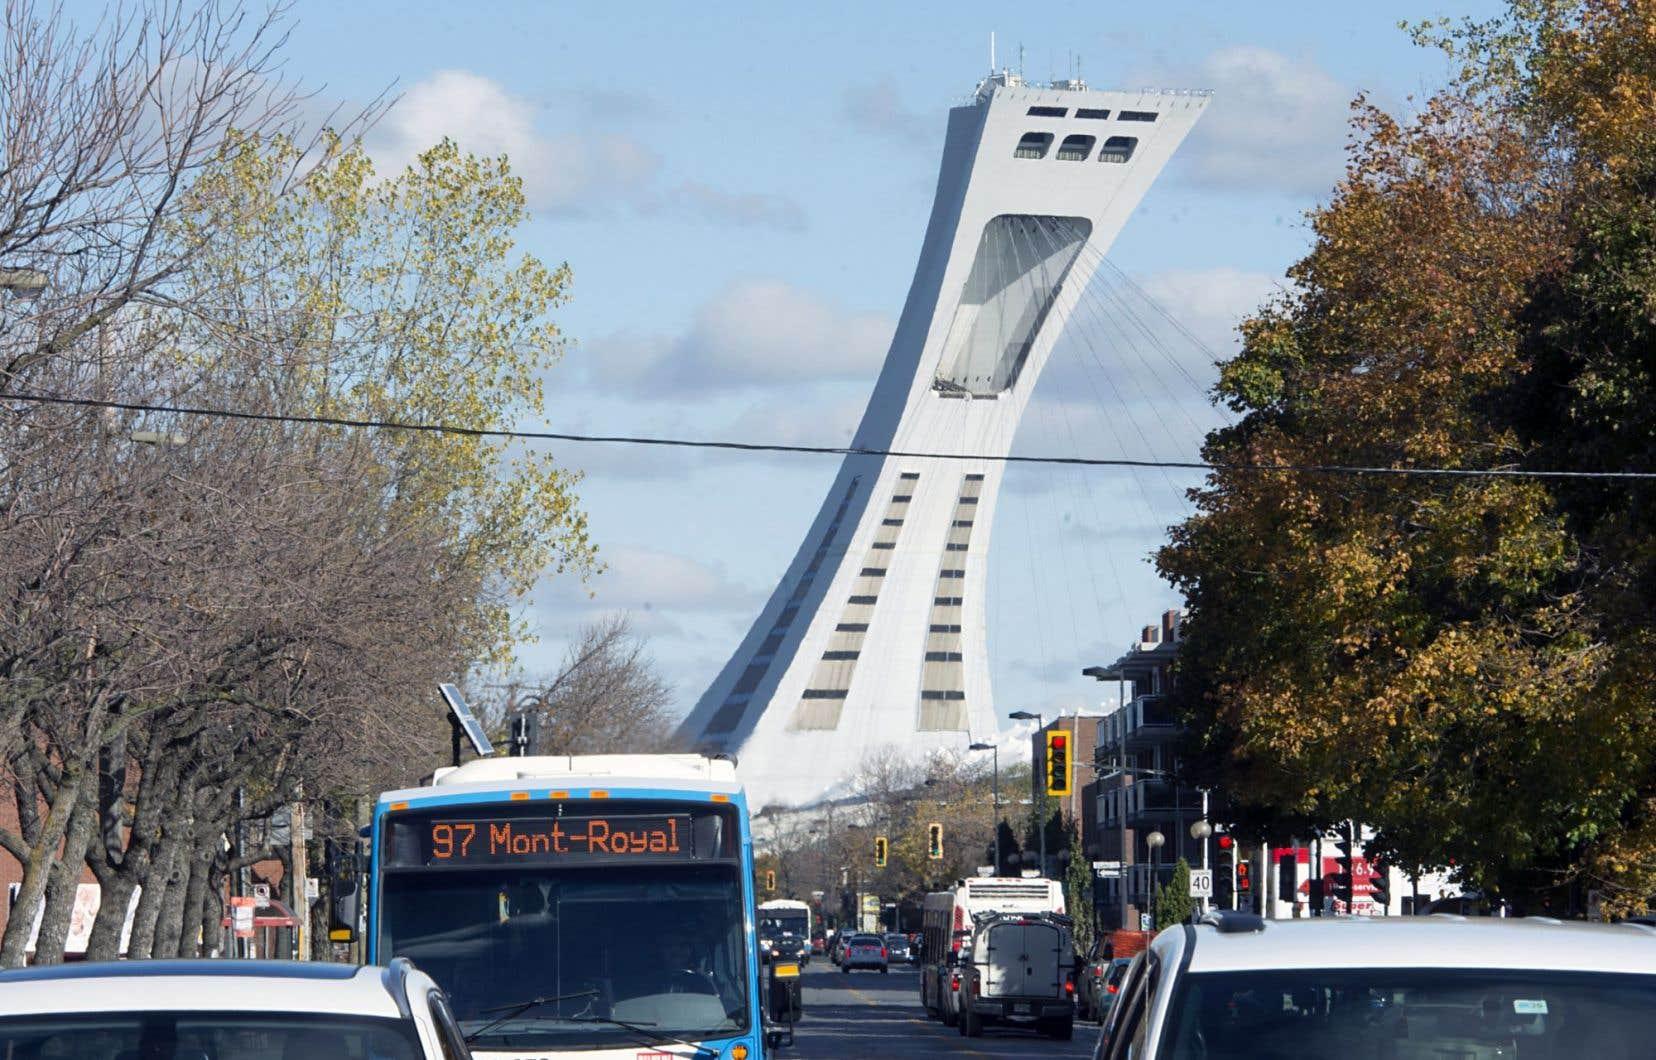 Les citoyens d'une ville comme Montréal ont une relation privilégiée avec les transports.